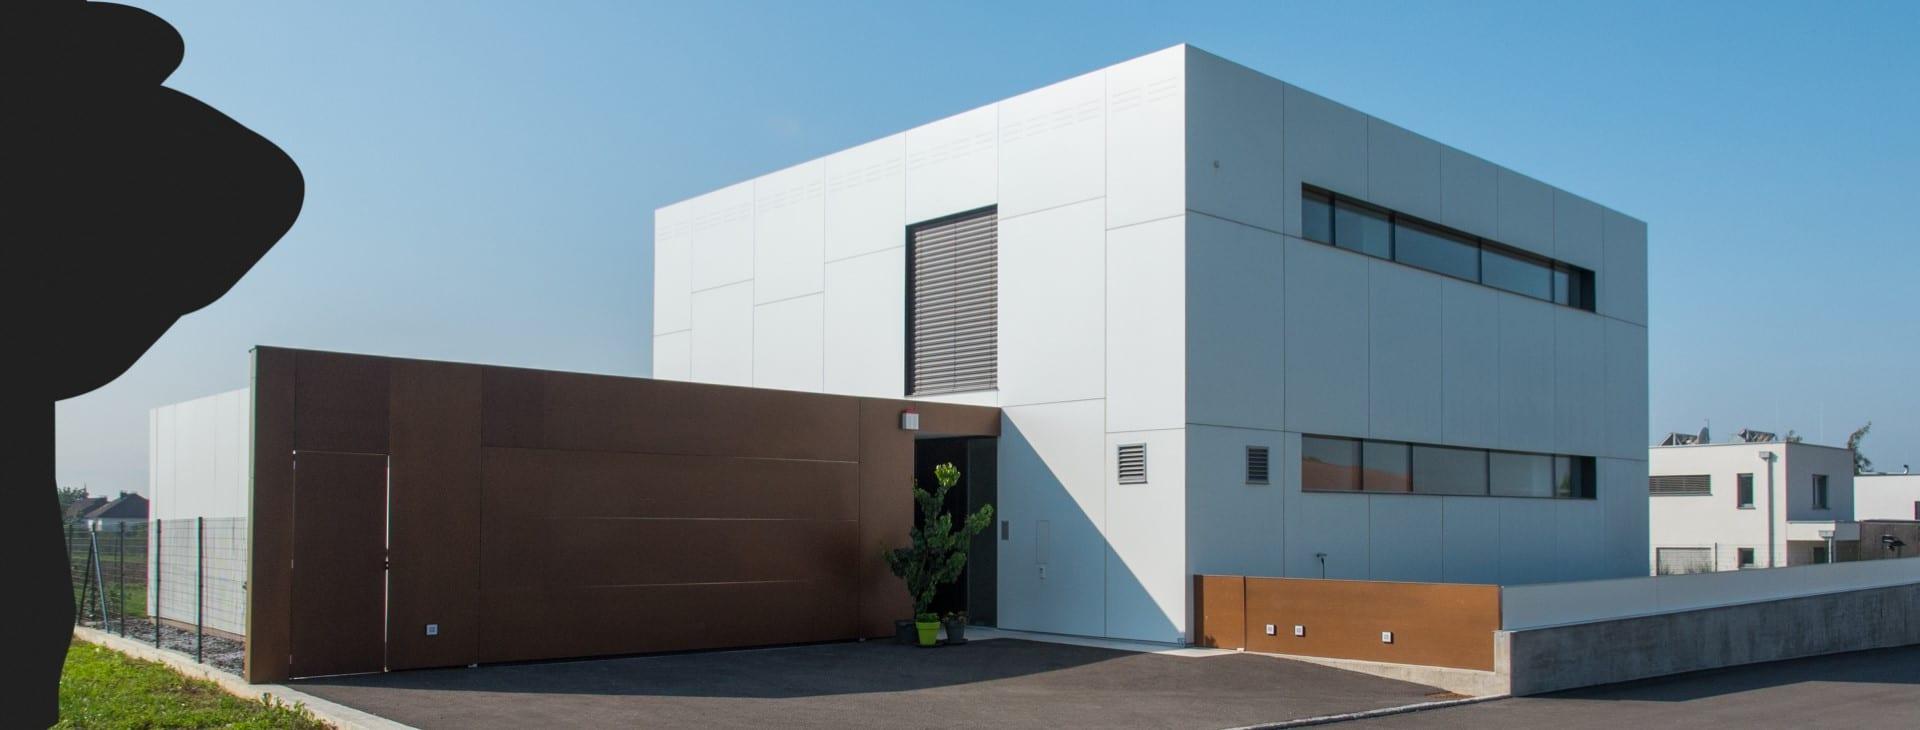 Moderner, quadratischer Neubau mit Flachdach